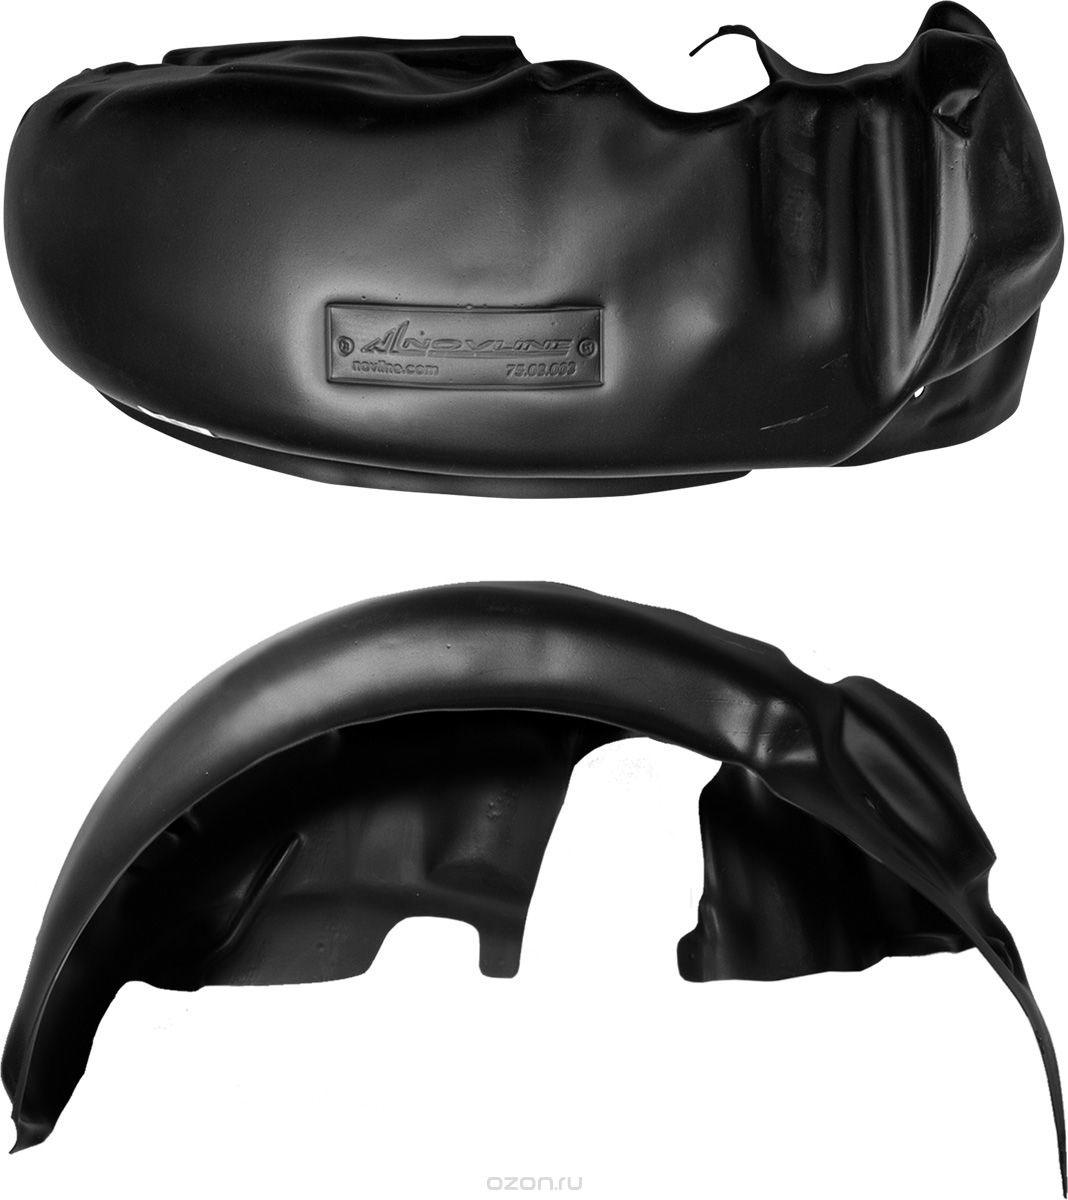 Подкрылок Novline-Autofamily, для FIAT Ducato, 08/2014-> без расширителей арок, передний правыйNLL.15.20.002Идеальная защита колесной ниши. Локеры разработаны с применением цифровых технологий, гарантируют максимальную повторяемость поверхности арки. Изделия устанавливаются без нарушения лакокрасочного покрытия автомобиля, каждый подкрылок комплектуется крепежом. Уважаемые клиенты, обращаем ваше внимание, что фотографии на подкрылки универсальные и не отражают реальную форму изделия. При этом само изделие идет точно под размер указанного автомобиля.